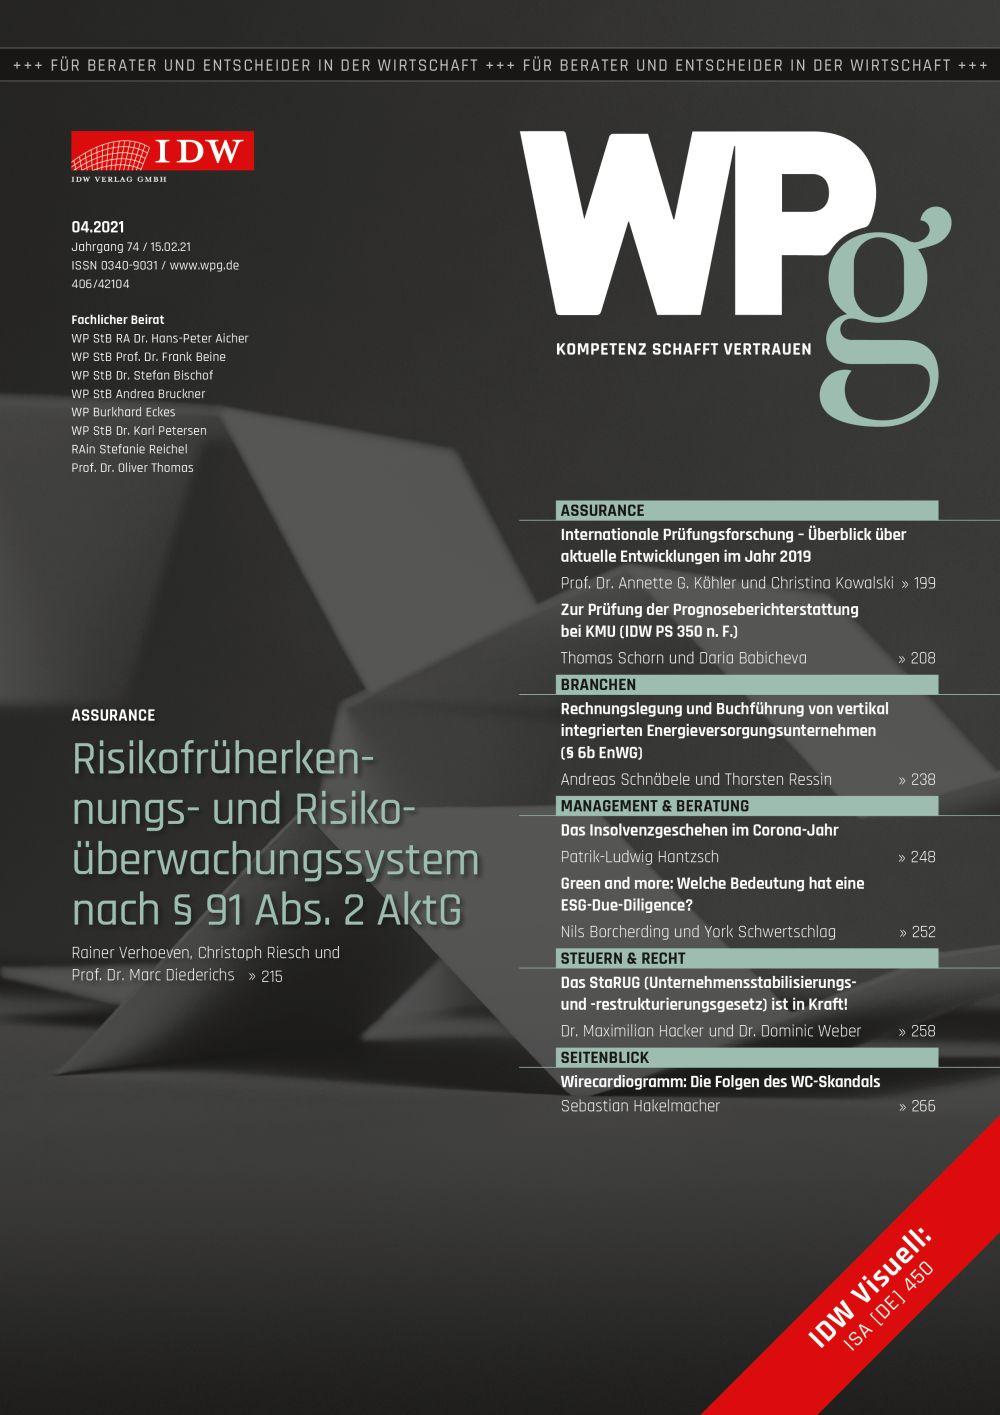 WPg - Die Wirtschaftsprüfung 4/2021